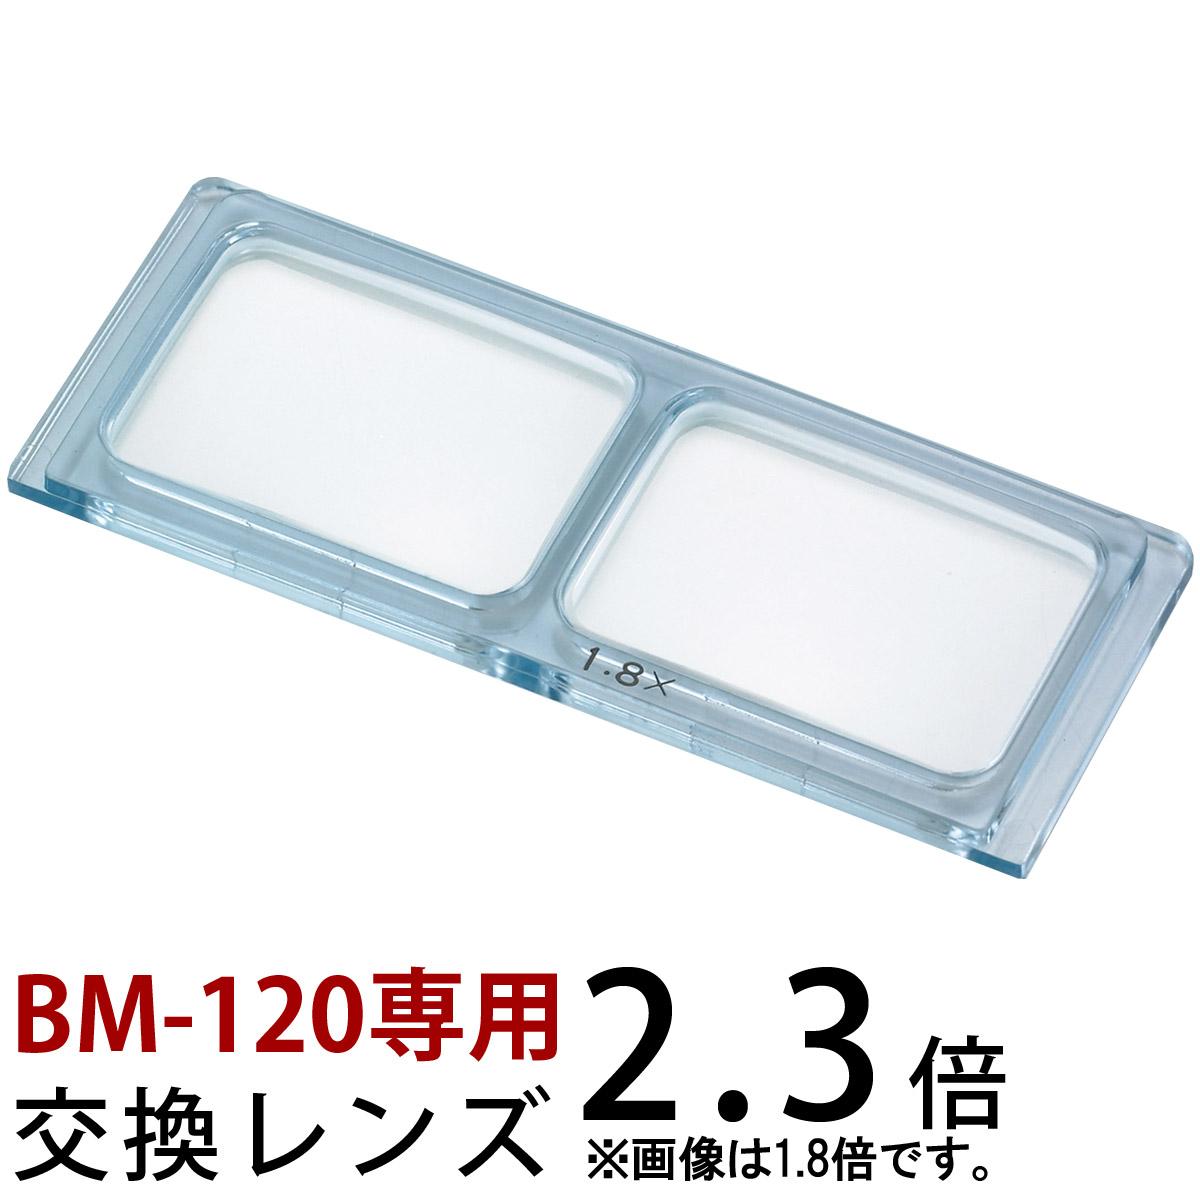 ヘッドルーペ 双眼ヘッドルーペ 交換レンズ BM-120B1 2.3倍 BM-120専用 池田レンズ